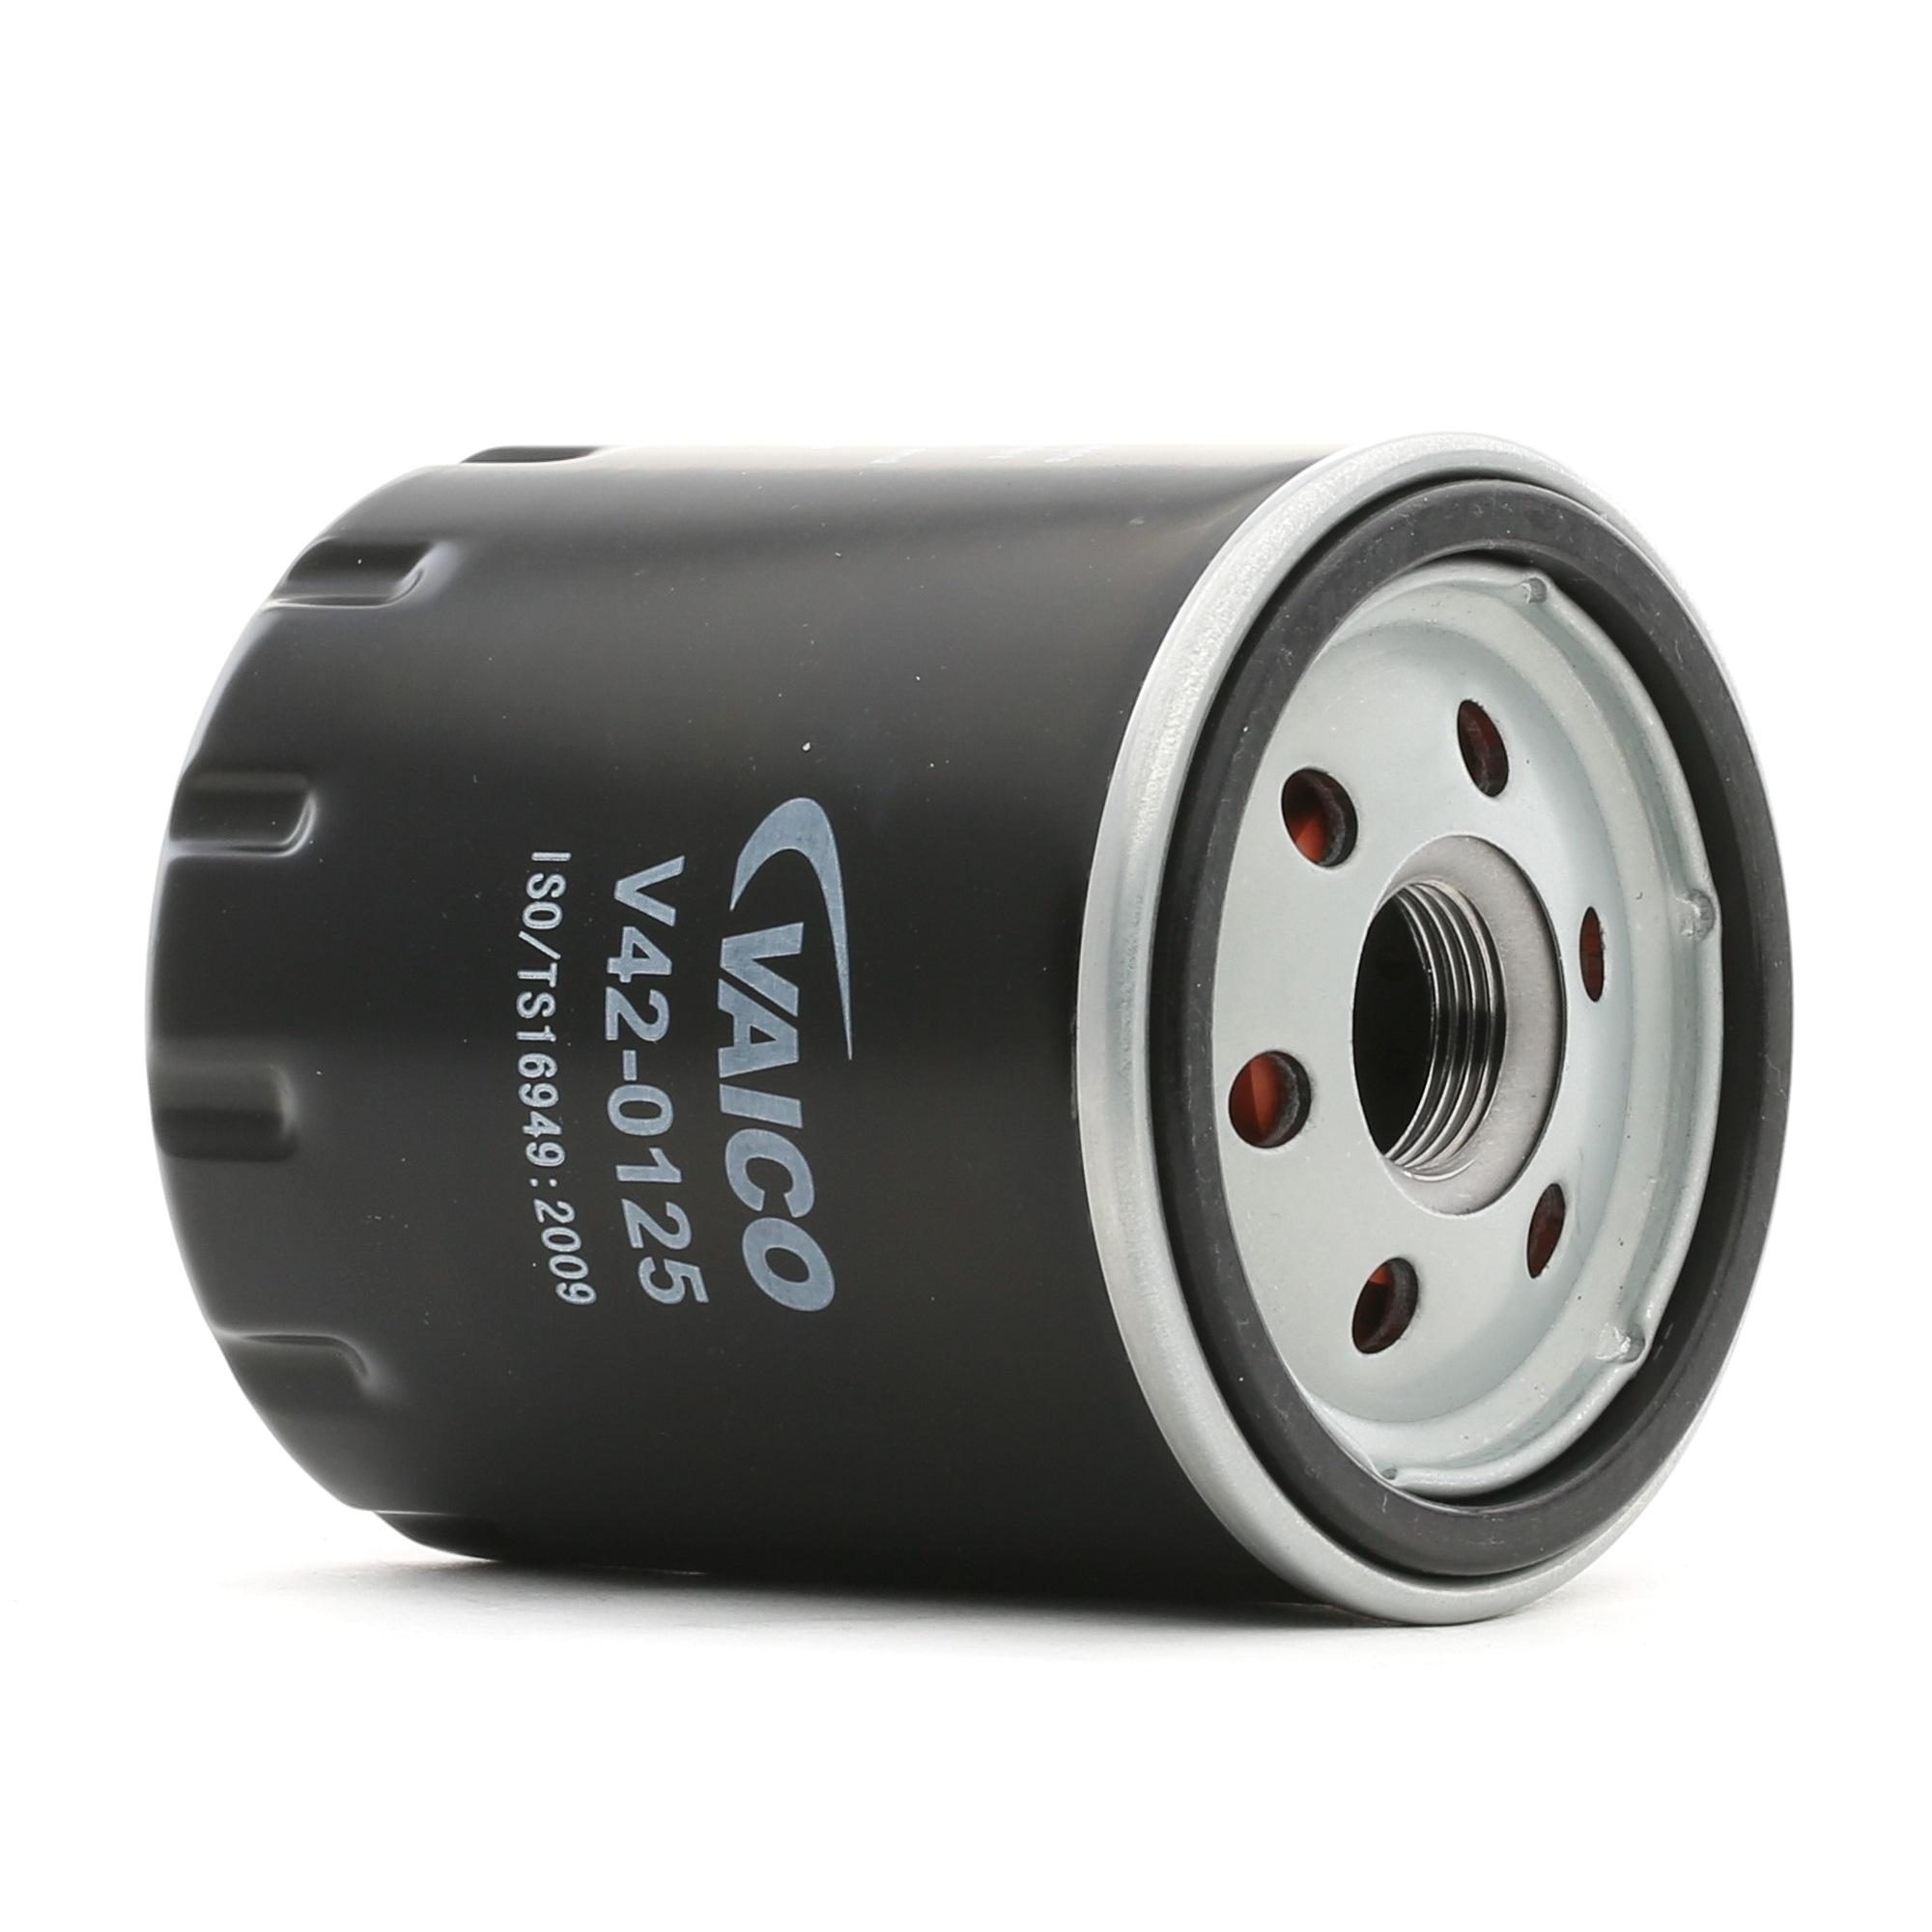 Origine Filtre à huile VAICO V42-0125 (Diamètre intérieur 2: 62mm, Diamètre intérieur 2: 71mm, Ø: 76mm, Hauteur: 89mm)